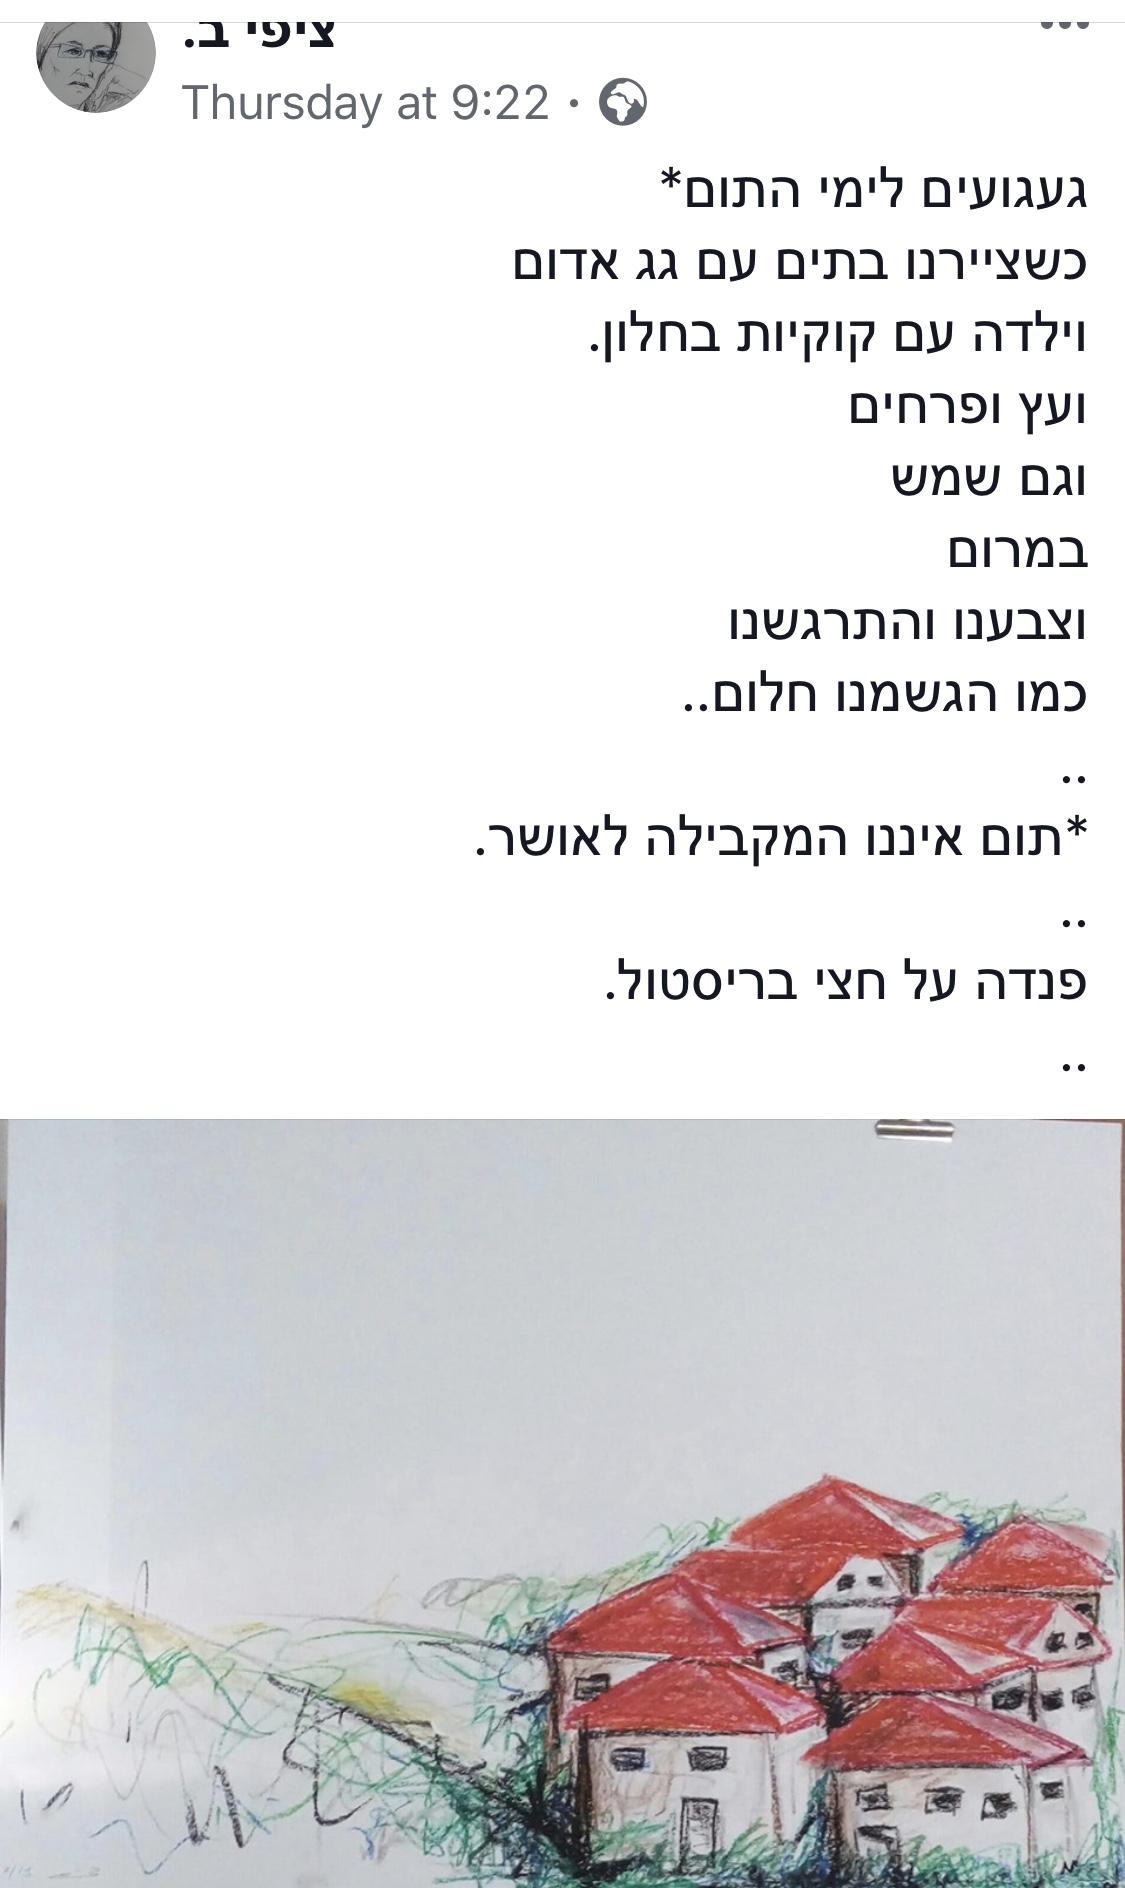 מאחורי המסיכות – יצירותיה של ציפורה בראבי by Shuli Sapir-Nevo Photo and Motto - Illustrated by ציורים ורישומים ציפורה בראבי - Ourboox.com